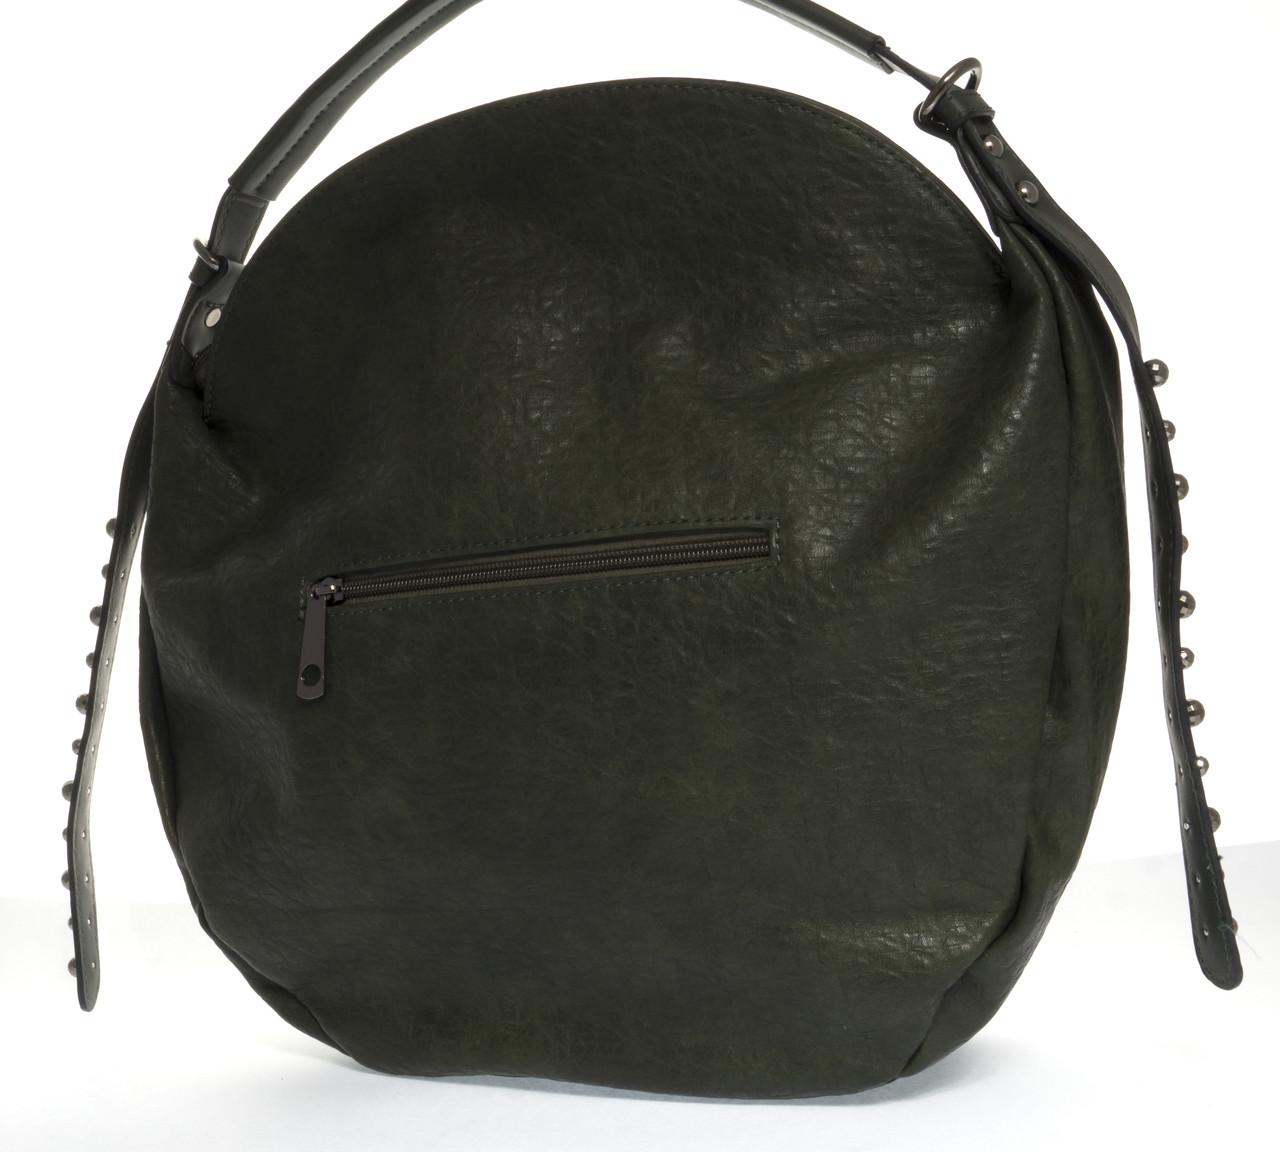 09c8750c84fd QN1123, фото 2 Вместительная стильная прочная модная качественная женская сумка  круглой формы DOVILI art.